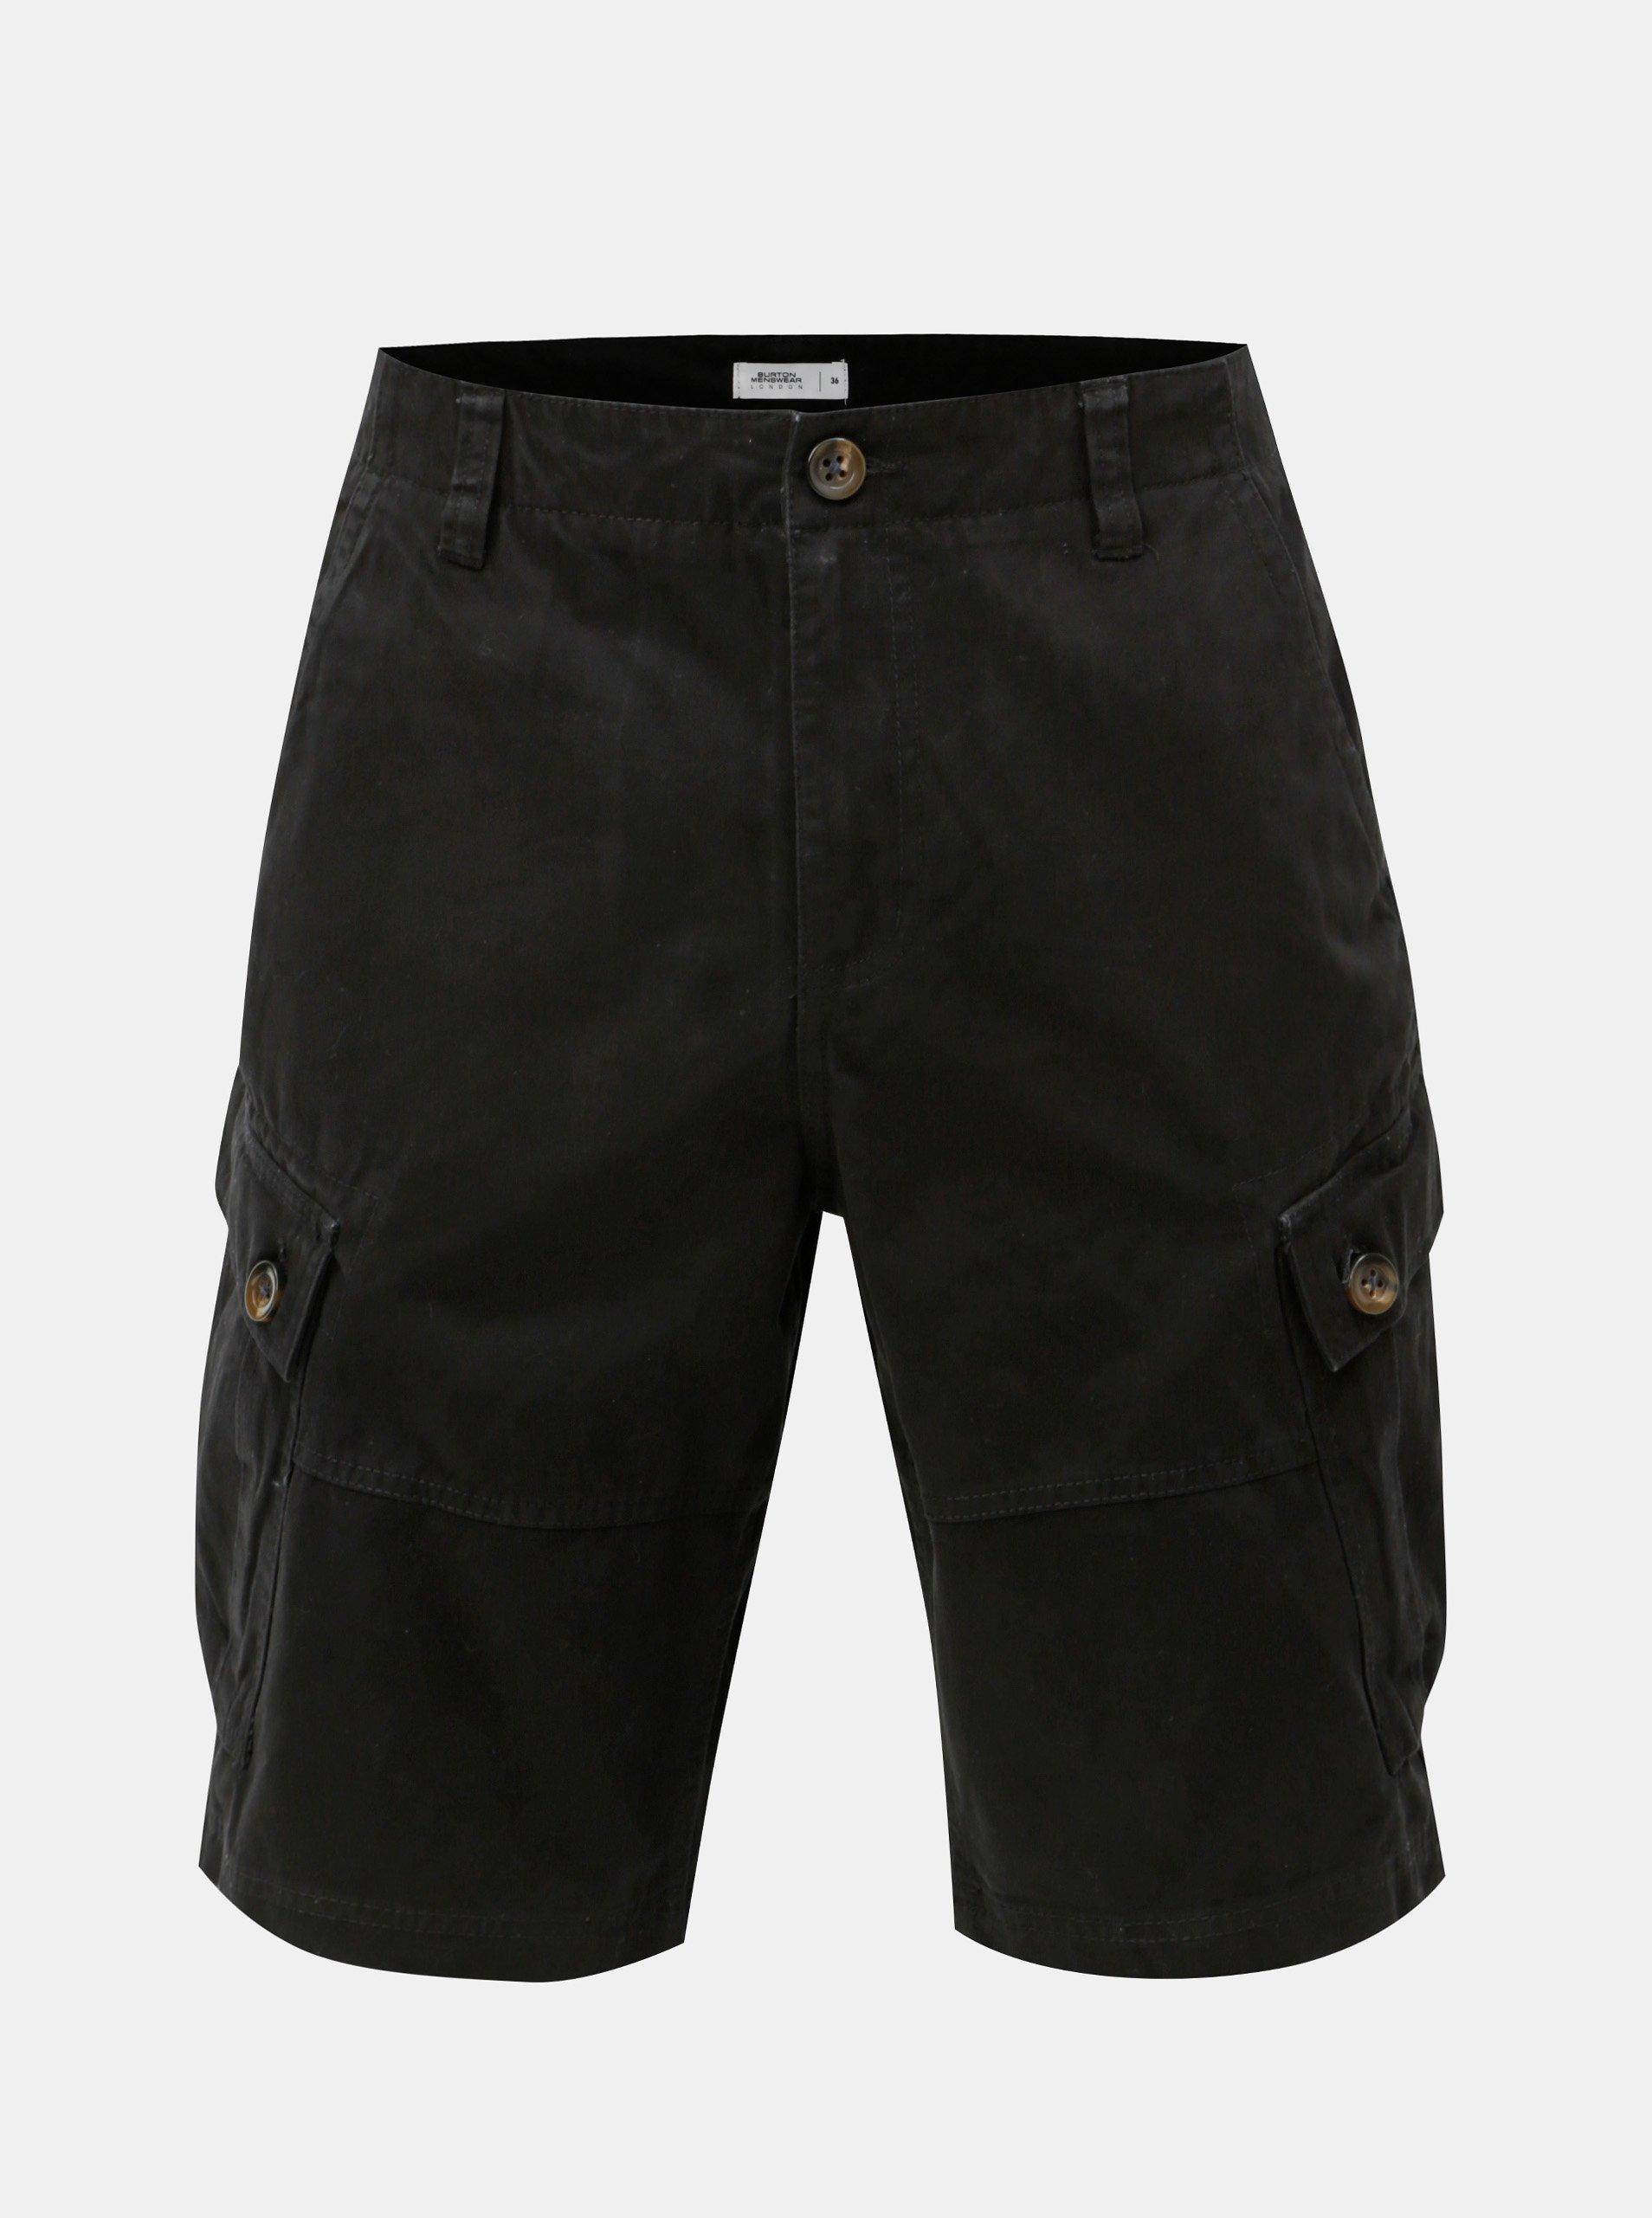 Černé kraťasy s kapsami Burton Menswear London